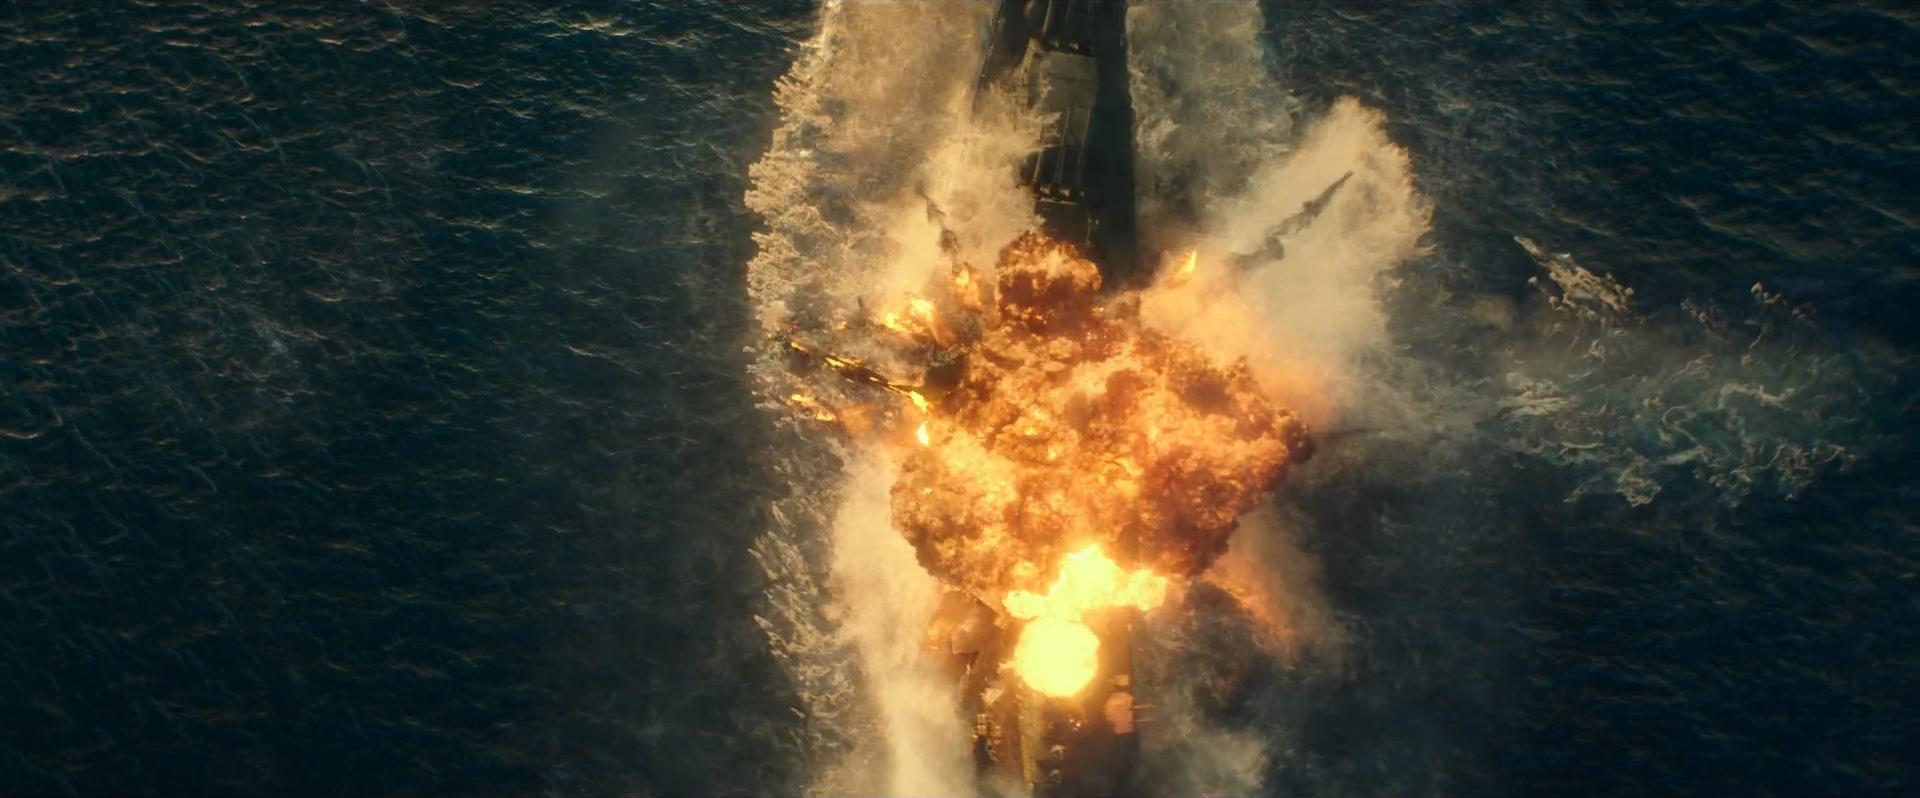 Godzilla vs Kong Trailer Still 28 - Explosion